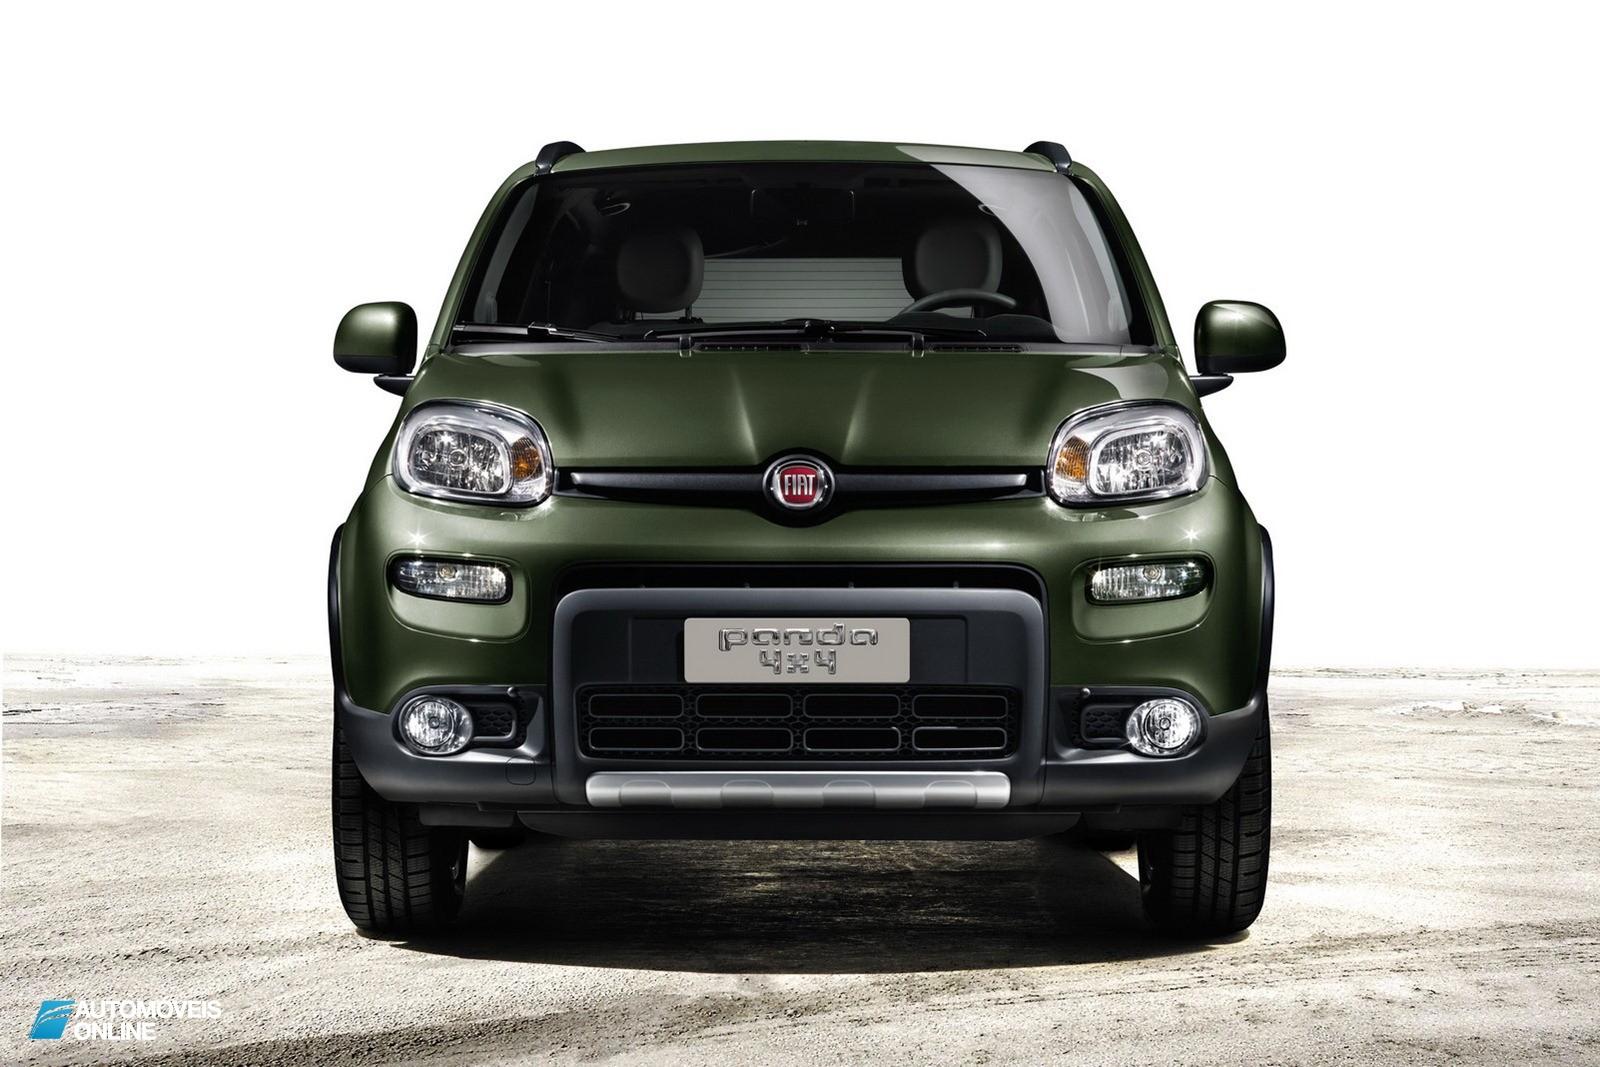 Revelado! No Fiat Panda 4x4 Crossover 2013